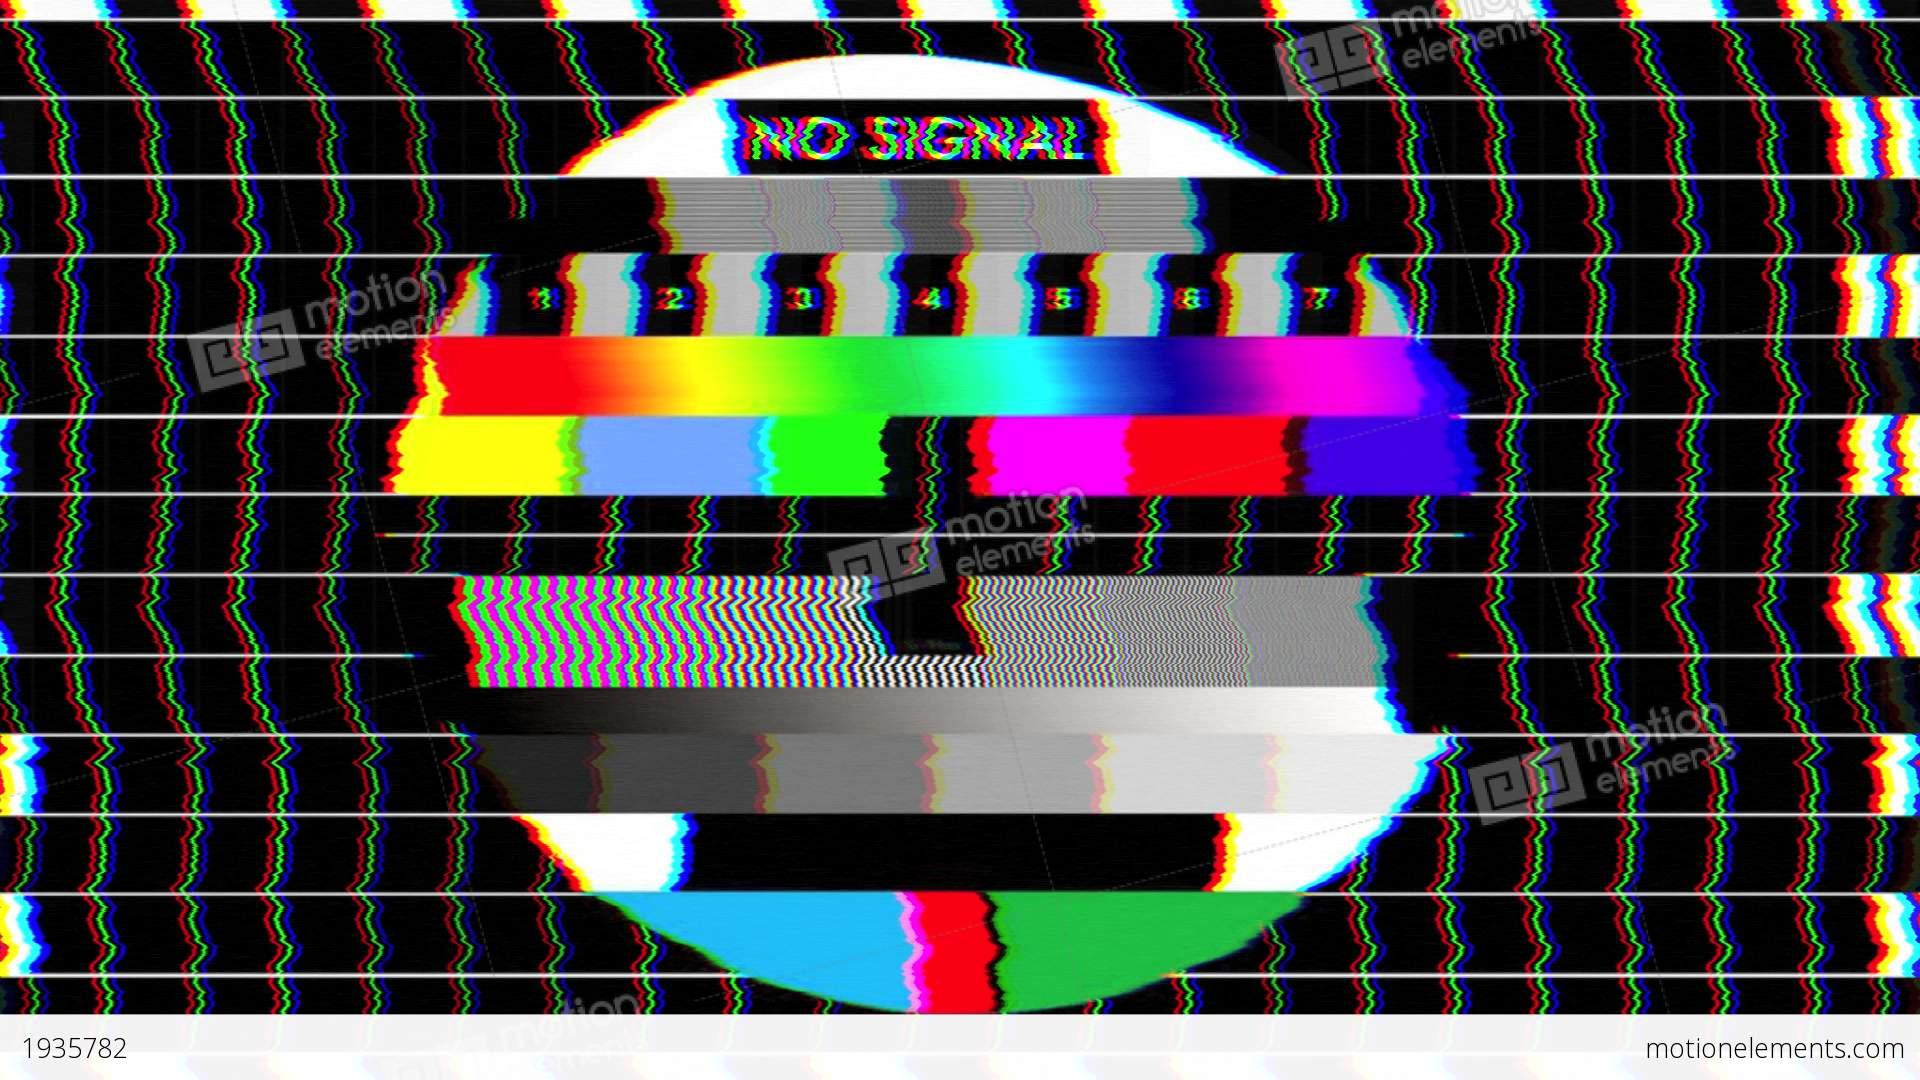 ошибиться картинка нет сети на телевизоре этом